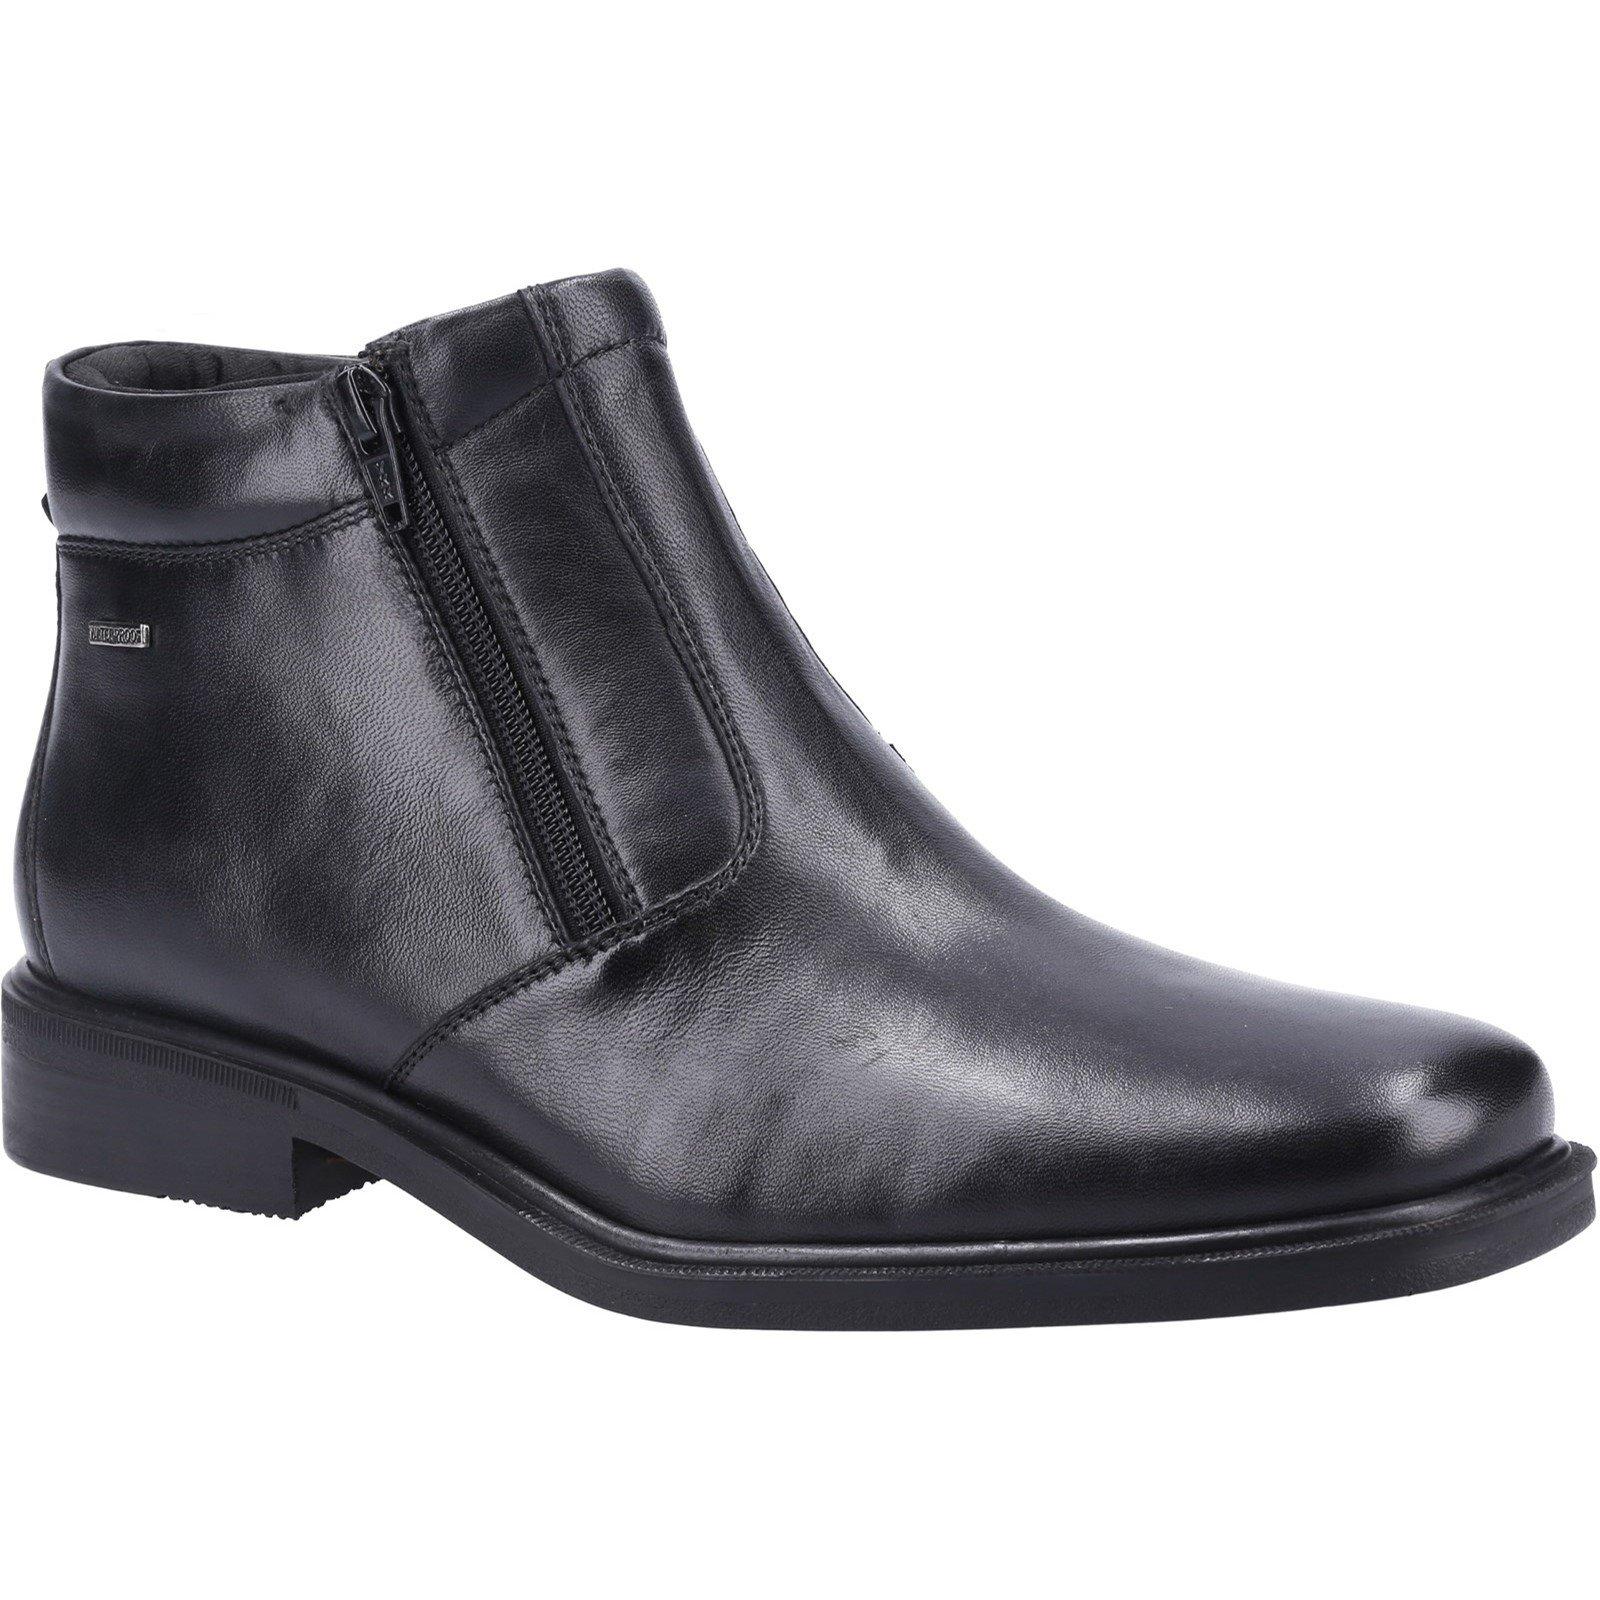 Cotswold Men's Kelmscott 2 Waterproof Boot Black 32972 - Black 8